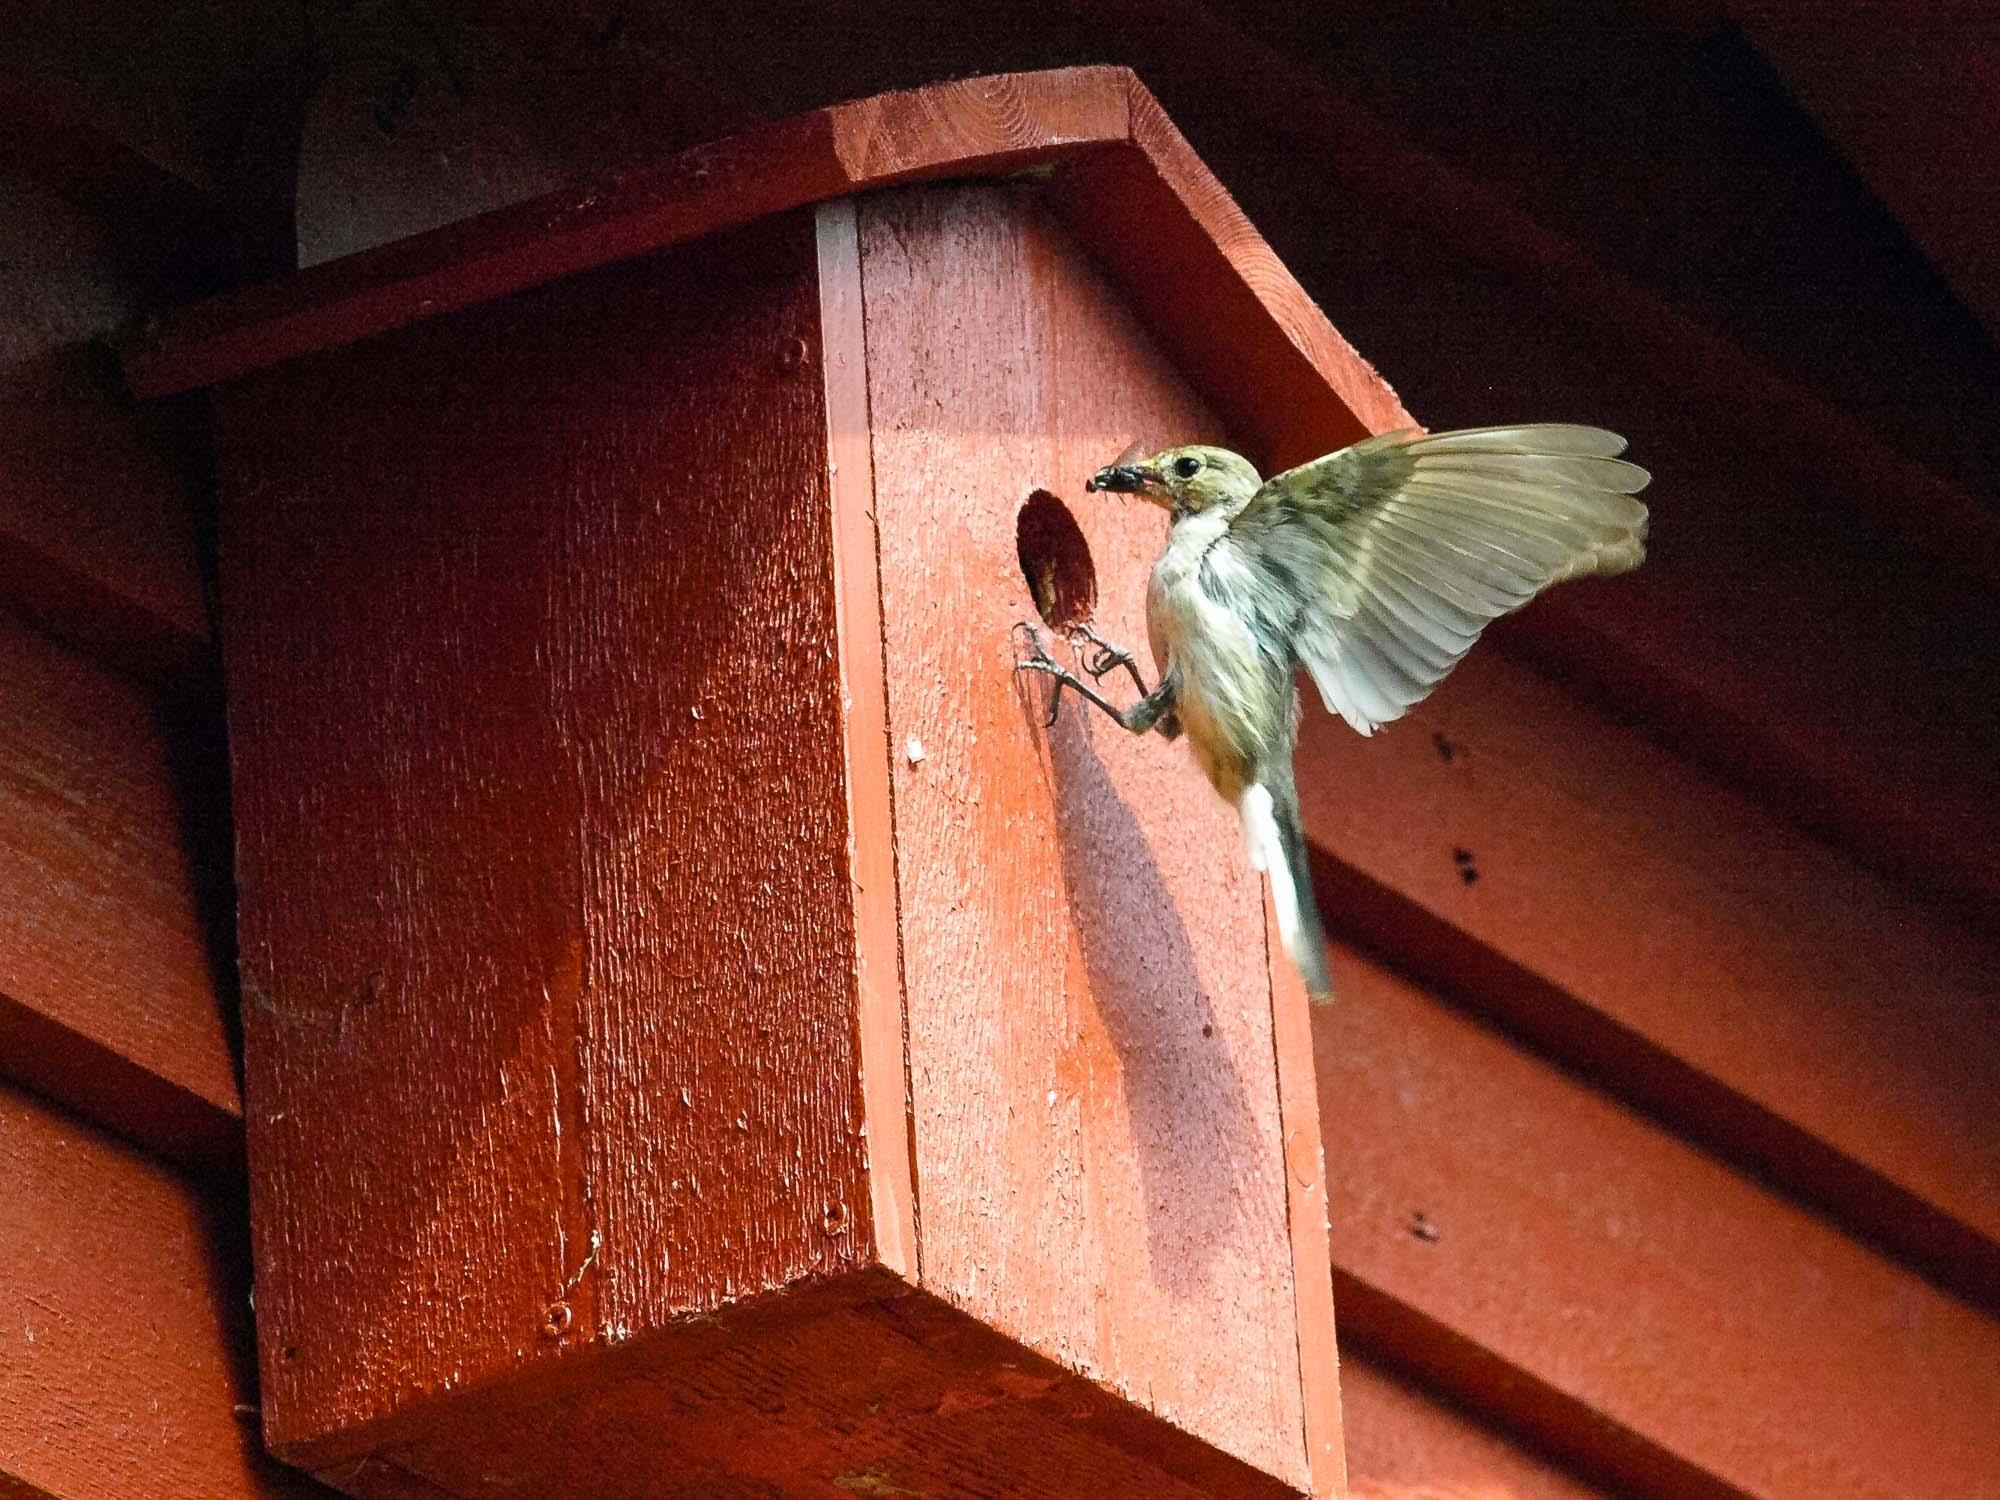 Hektiske dager etter at ungene til en svarhvit fluesnapper er kommet til verden. Mating av 5-8 unger krever logistikk og transport av mat til ungene som forlater reiret etter 15-16 dager. Svarhvit fluesnapper er en trekkfugl som overvintrer i Afrika sør for Sahara. Den kommer til Norge i april/mai. Utenom Norge hekker den i store deler av Europa østover gjennom Russland til Sibir. Hannen kan være polyterritoriell, som vil si at den oppretter et lite territorium, hvor han kan ha tre til fire hunner. Når det gjelder foring prioriterer han primærkullet. Føden er insekter o.l., f.eks. maur, biller, fluer, mygg og edderkopper. Bildet viser at han har fanget en flue. Bildet ble tatt med Olympus E 510 speilrefleks montert på stativ. Lukkertid 1/1600 sek God sommer lille erle her bor vi vegg i vegg. Jeg ruger på min vise og du på dine egg. (sitat Einar Skjæraasen)